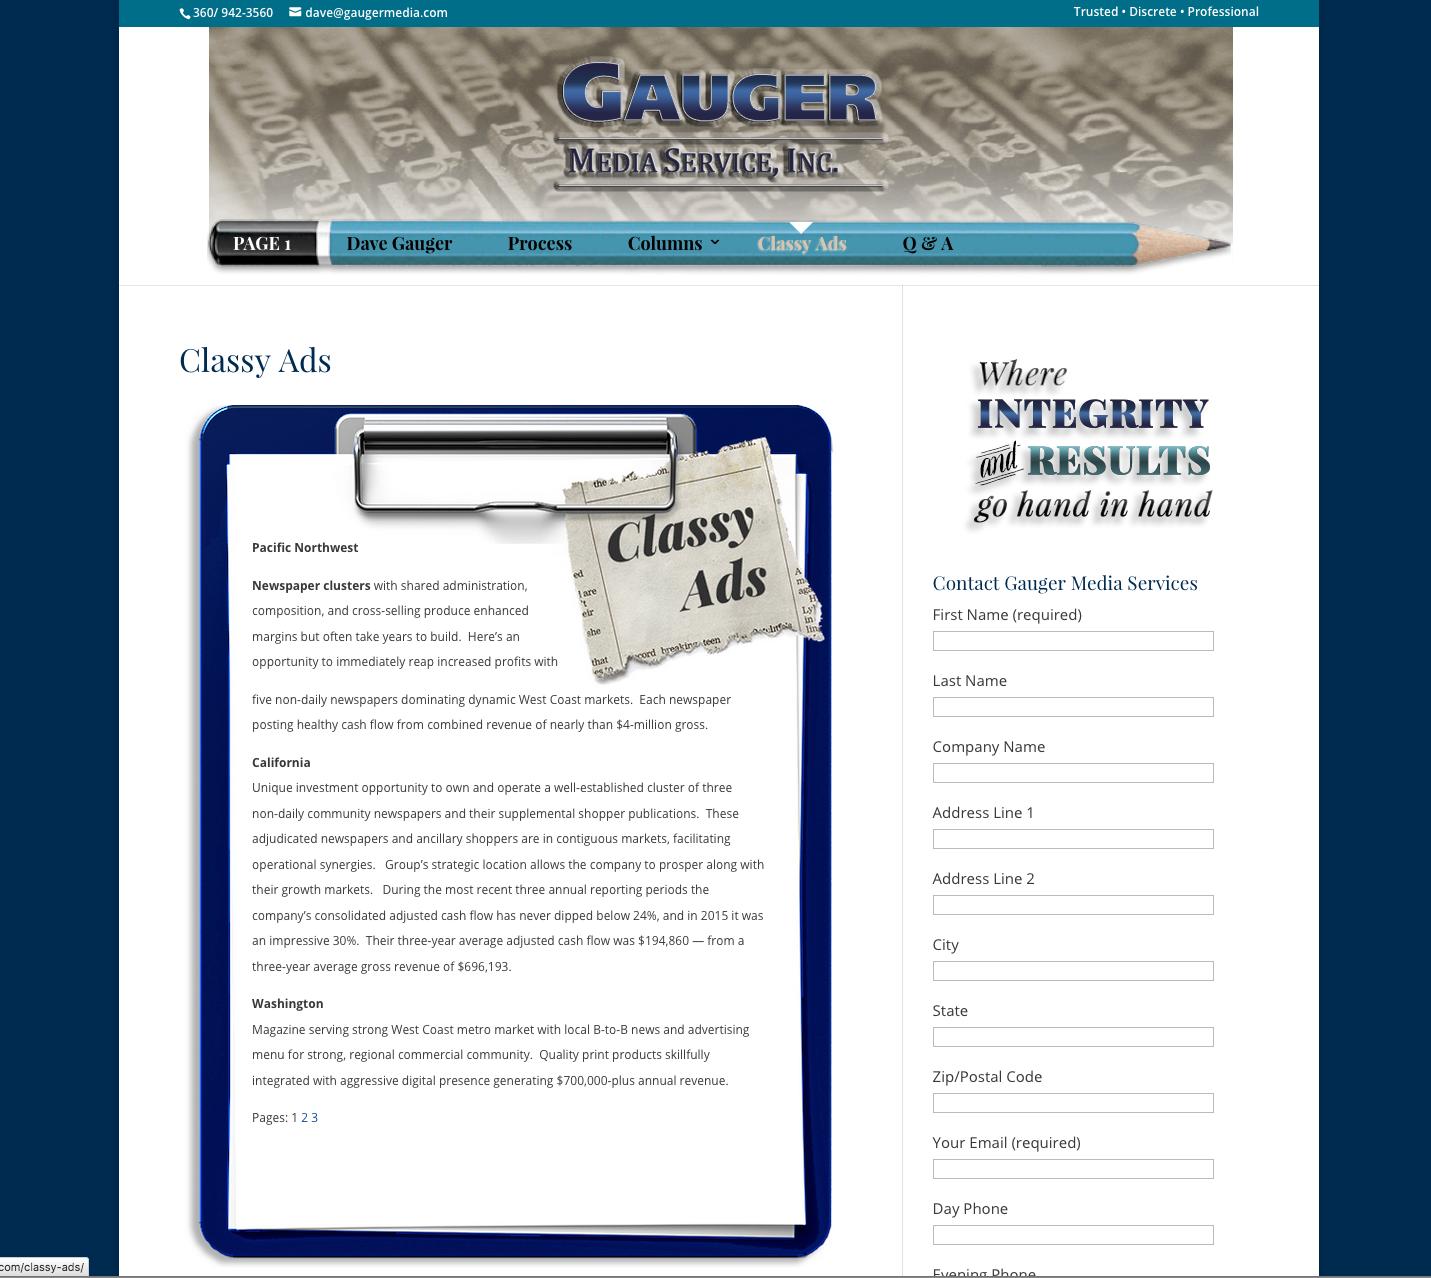 Gauger Media Services